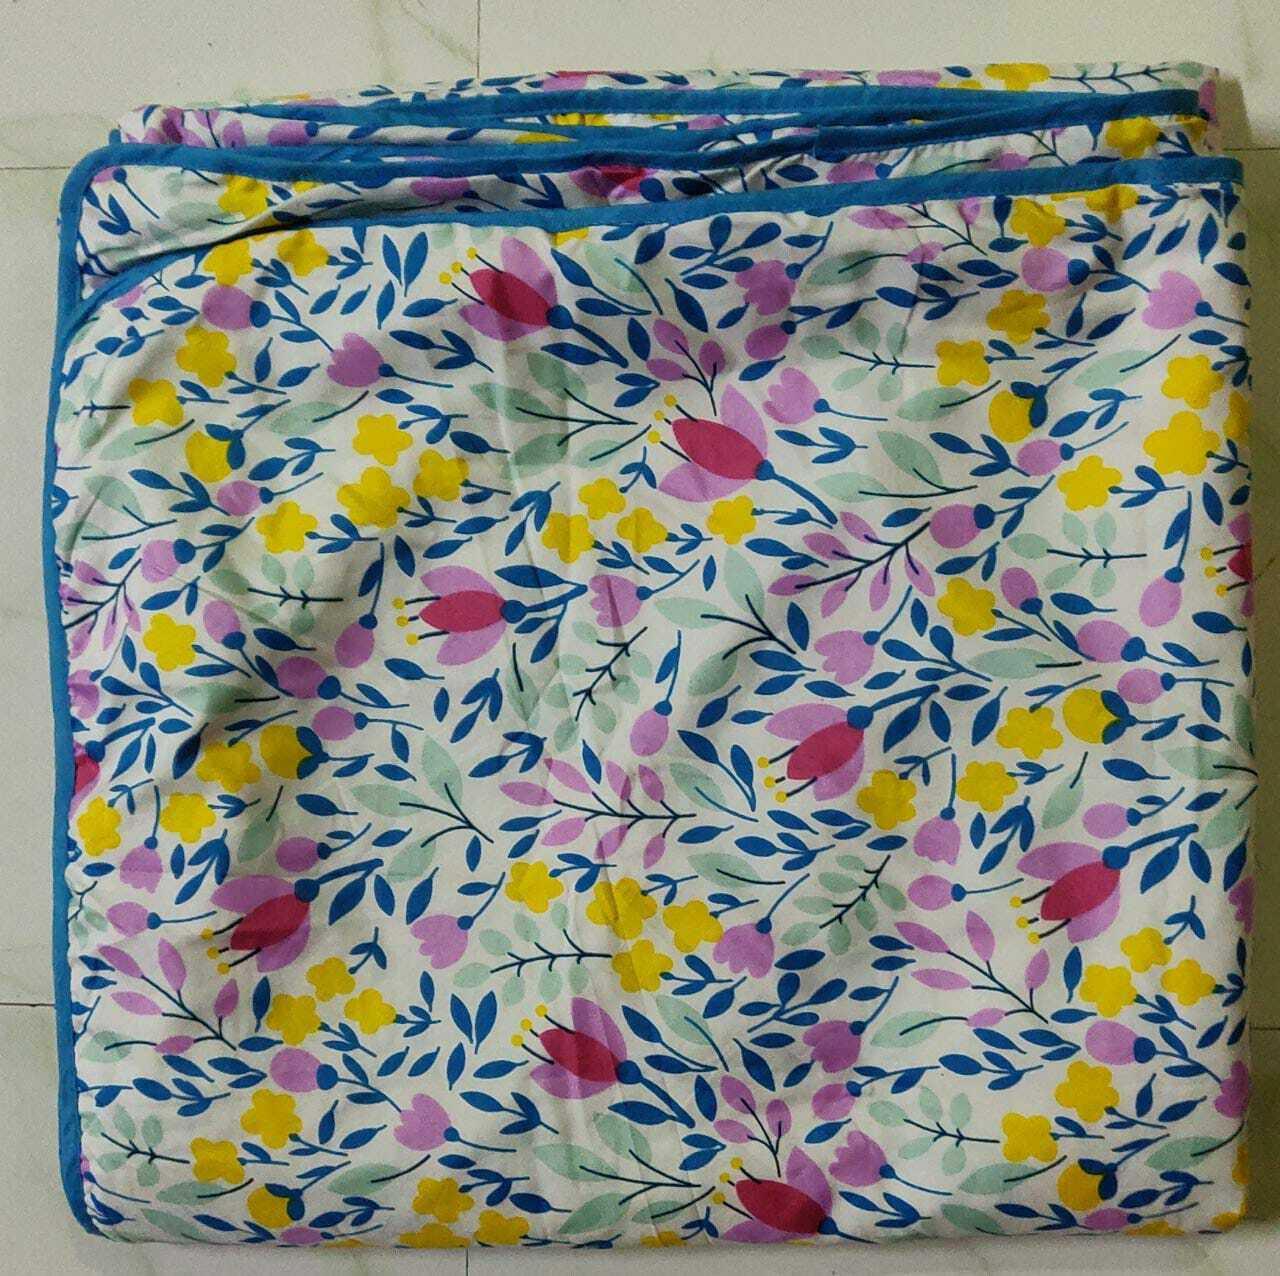 Steppdecke 1 Polybaumwolle Mehrfarbig Wendbar Bedruckt Decke Bettdecke Dohar